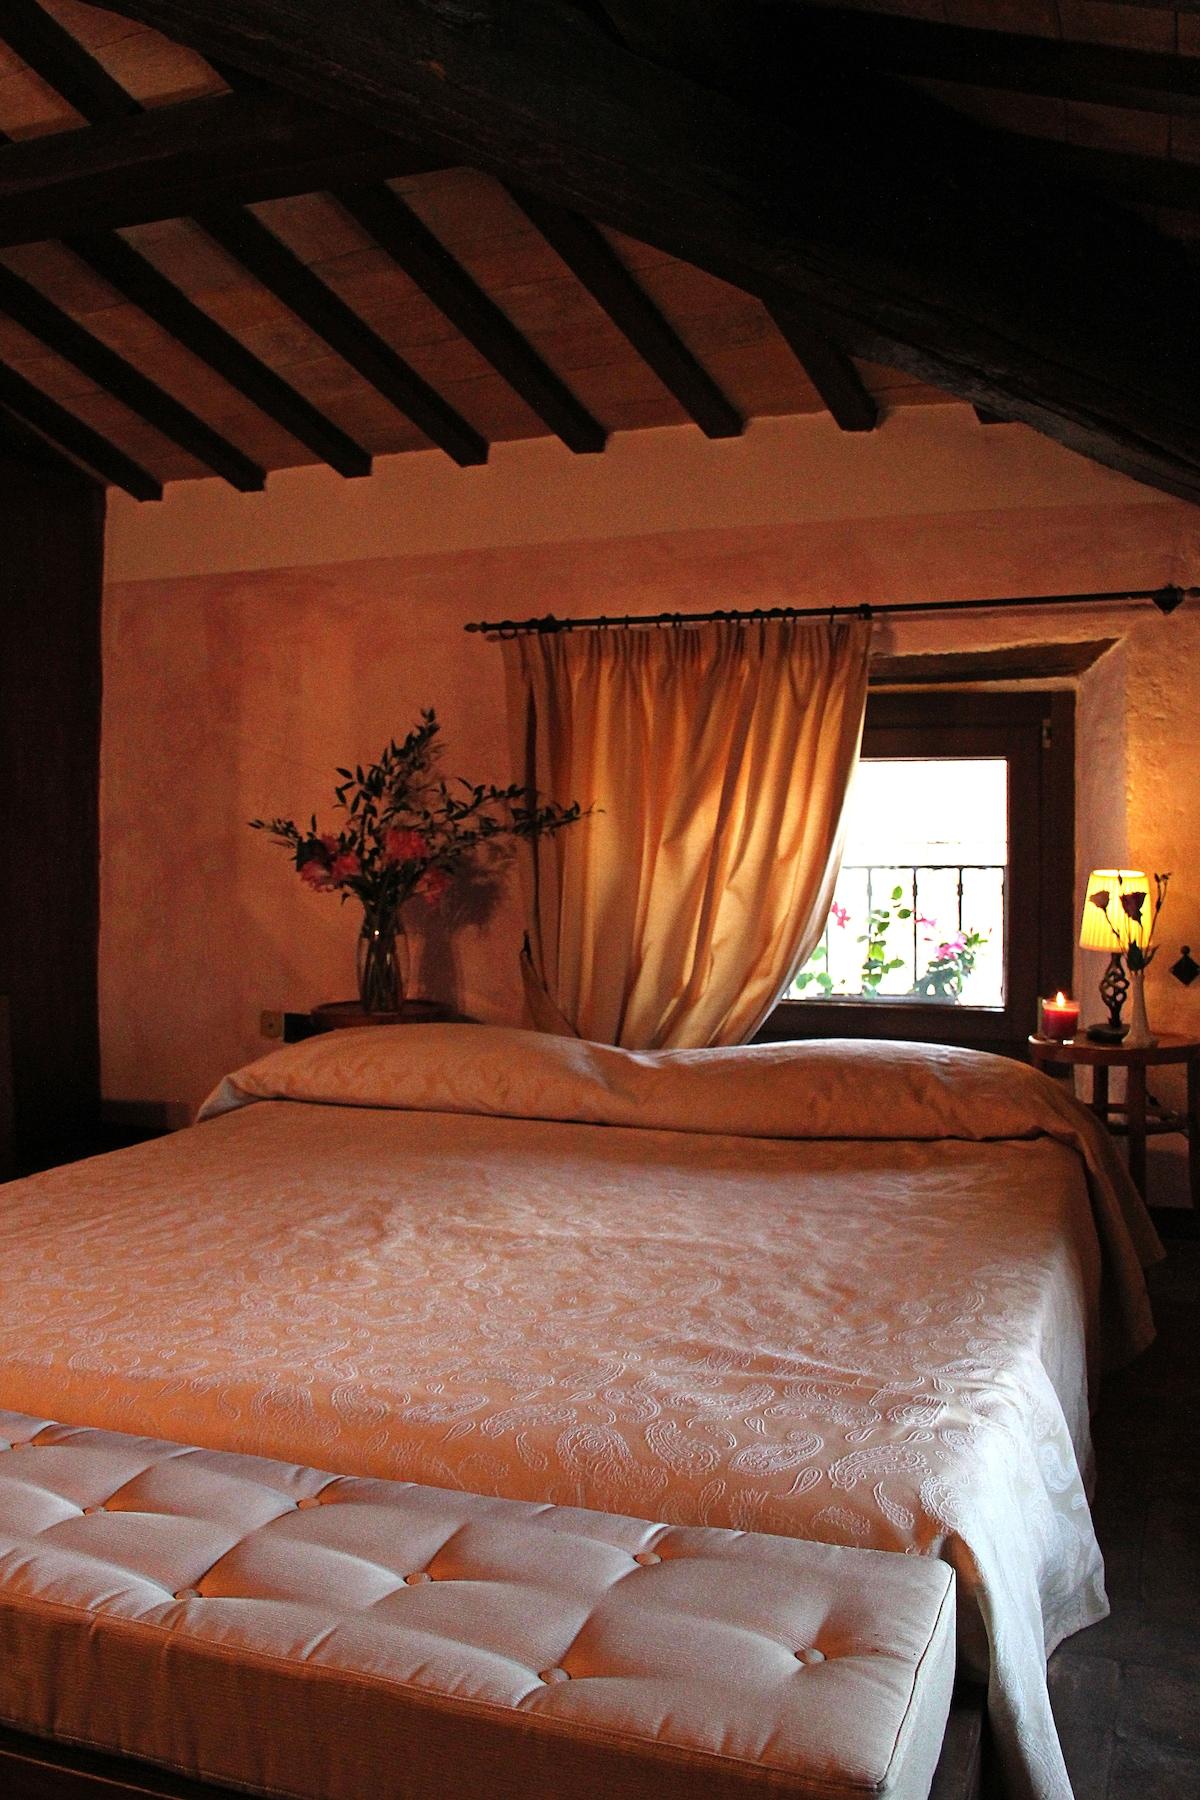 The Romantic Room @ Porta del Tempo